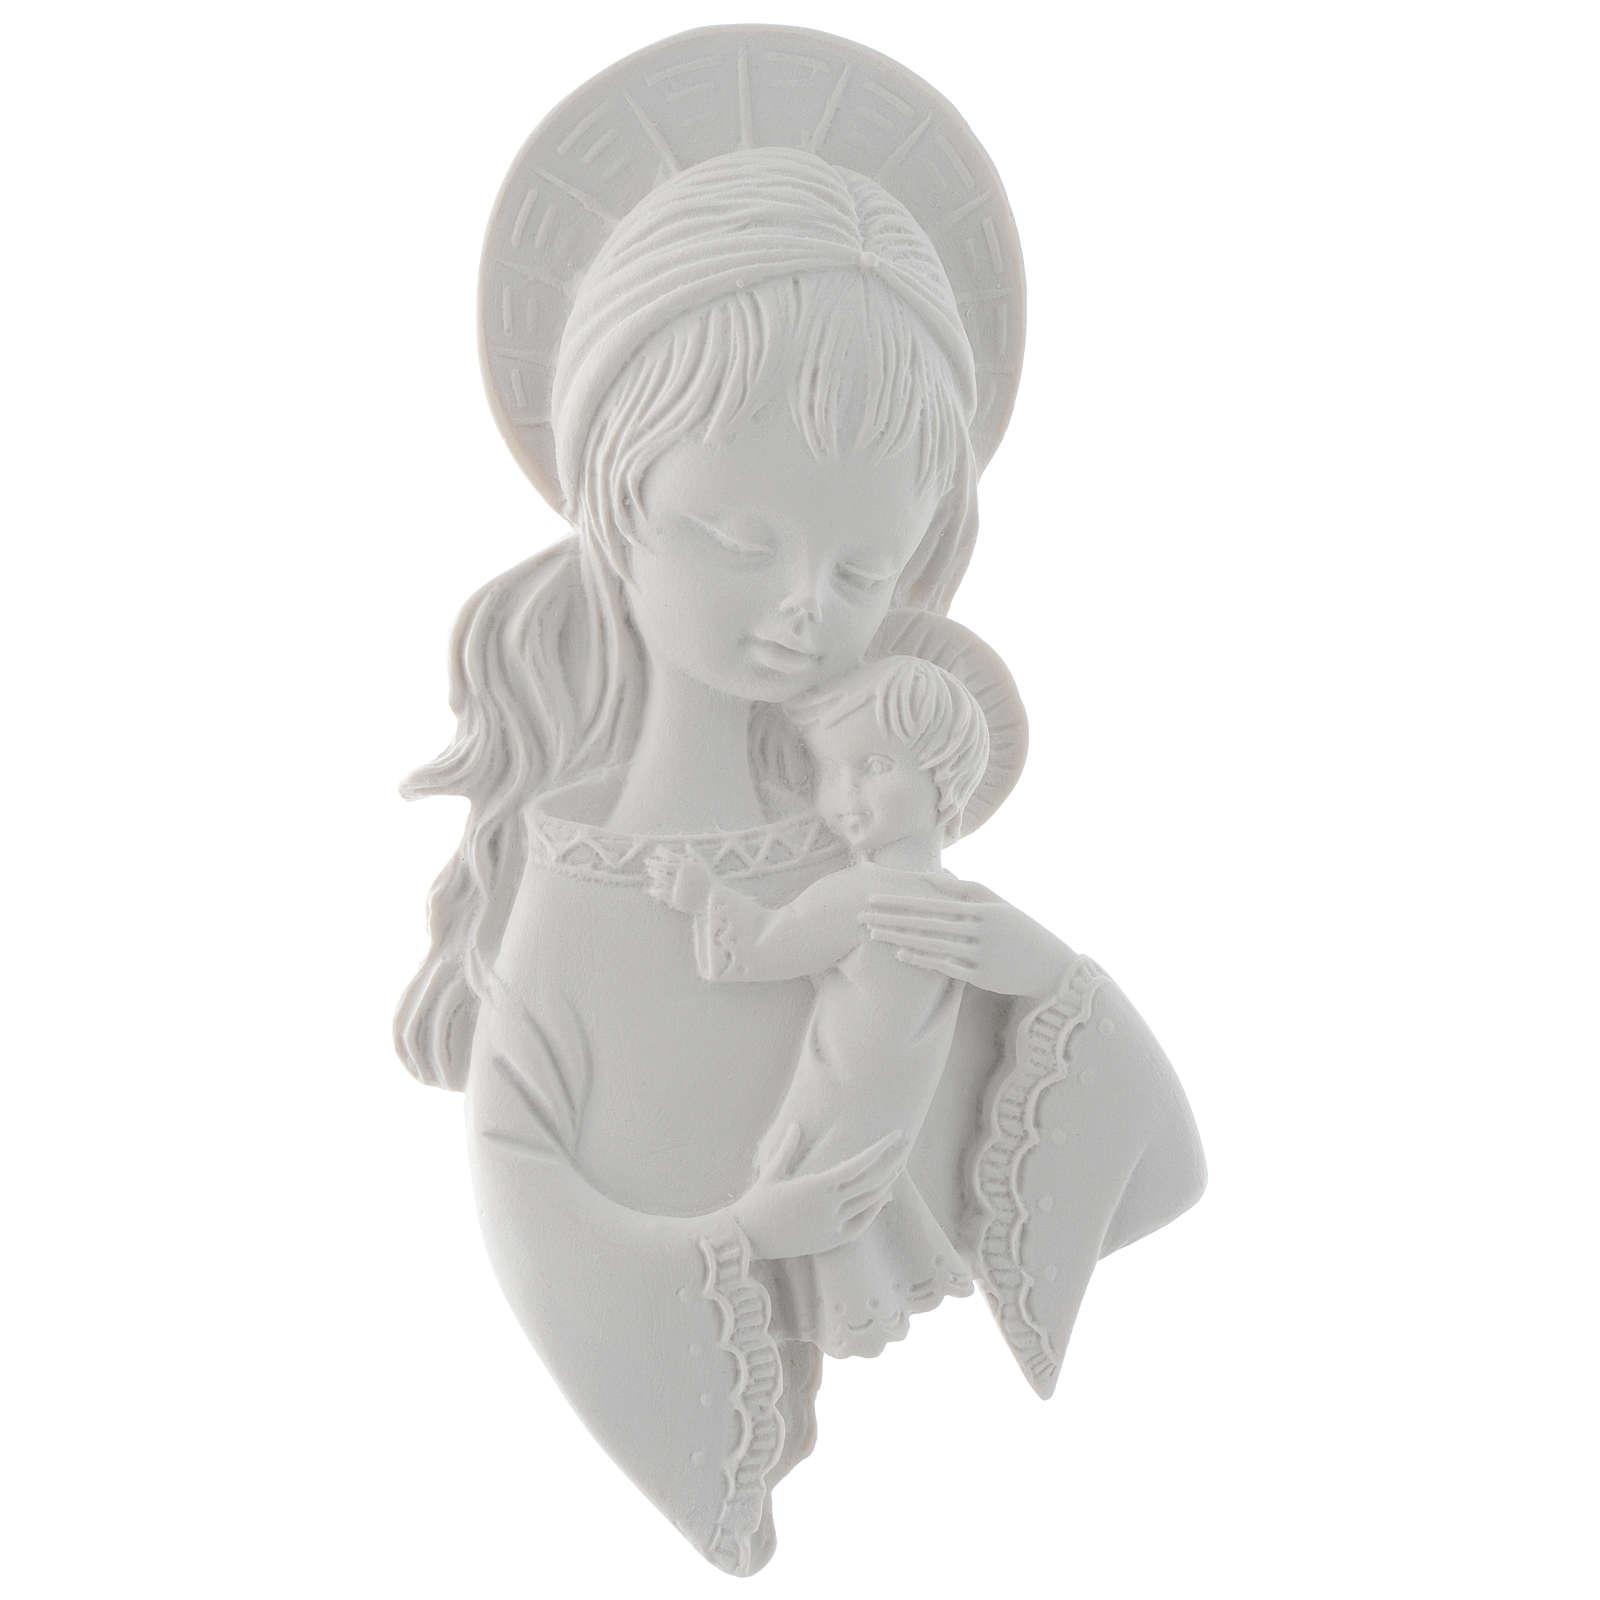 Applique Vierge à l'enfant 15 cm marbre 3